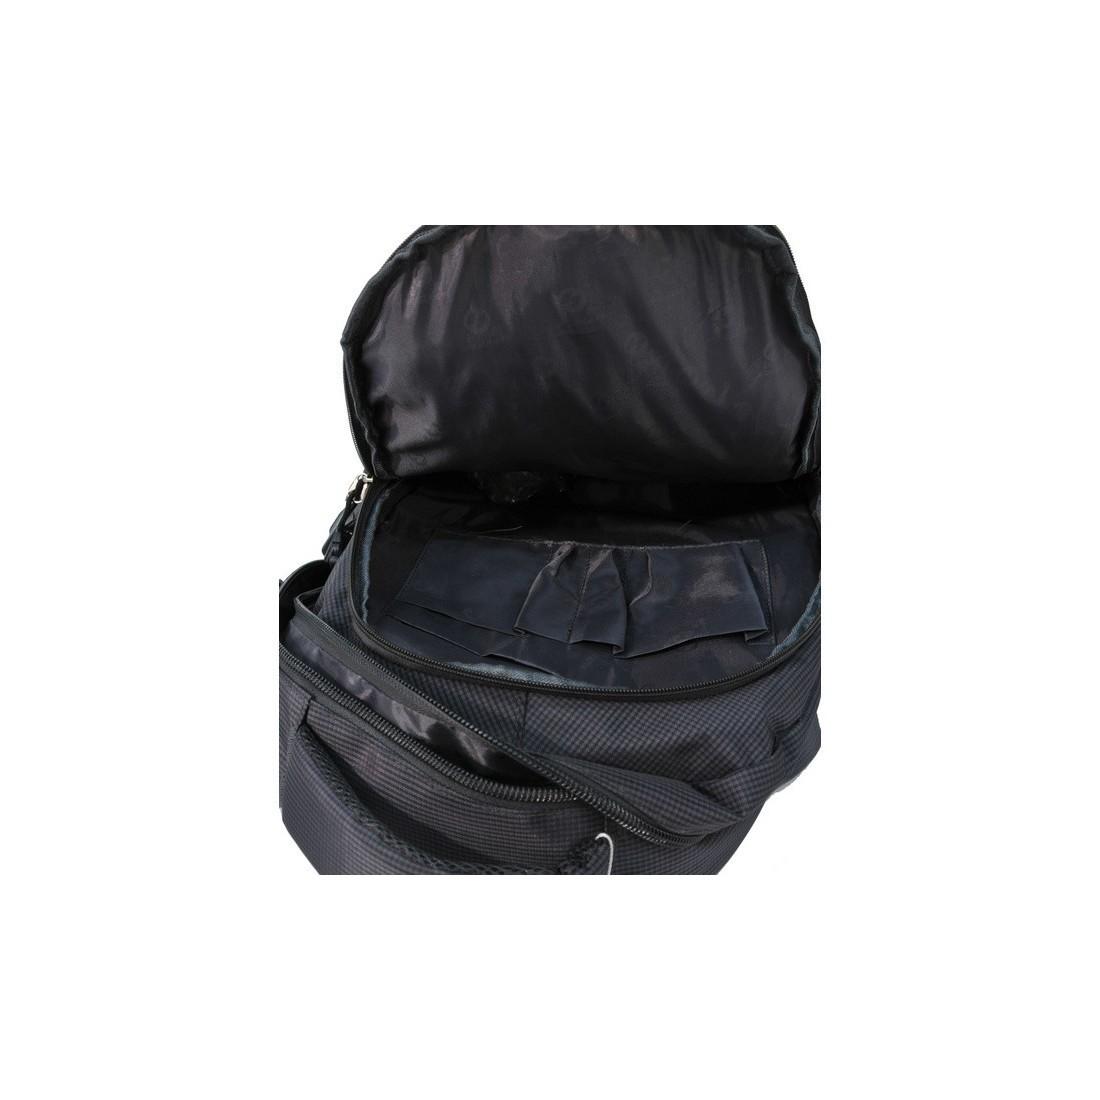 Plecak młodzieżowy grafitowy na laptop - plecak-tornister.pl